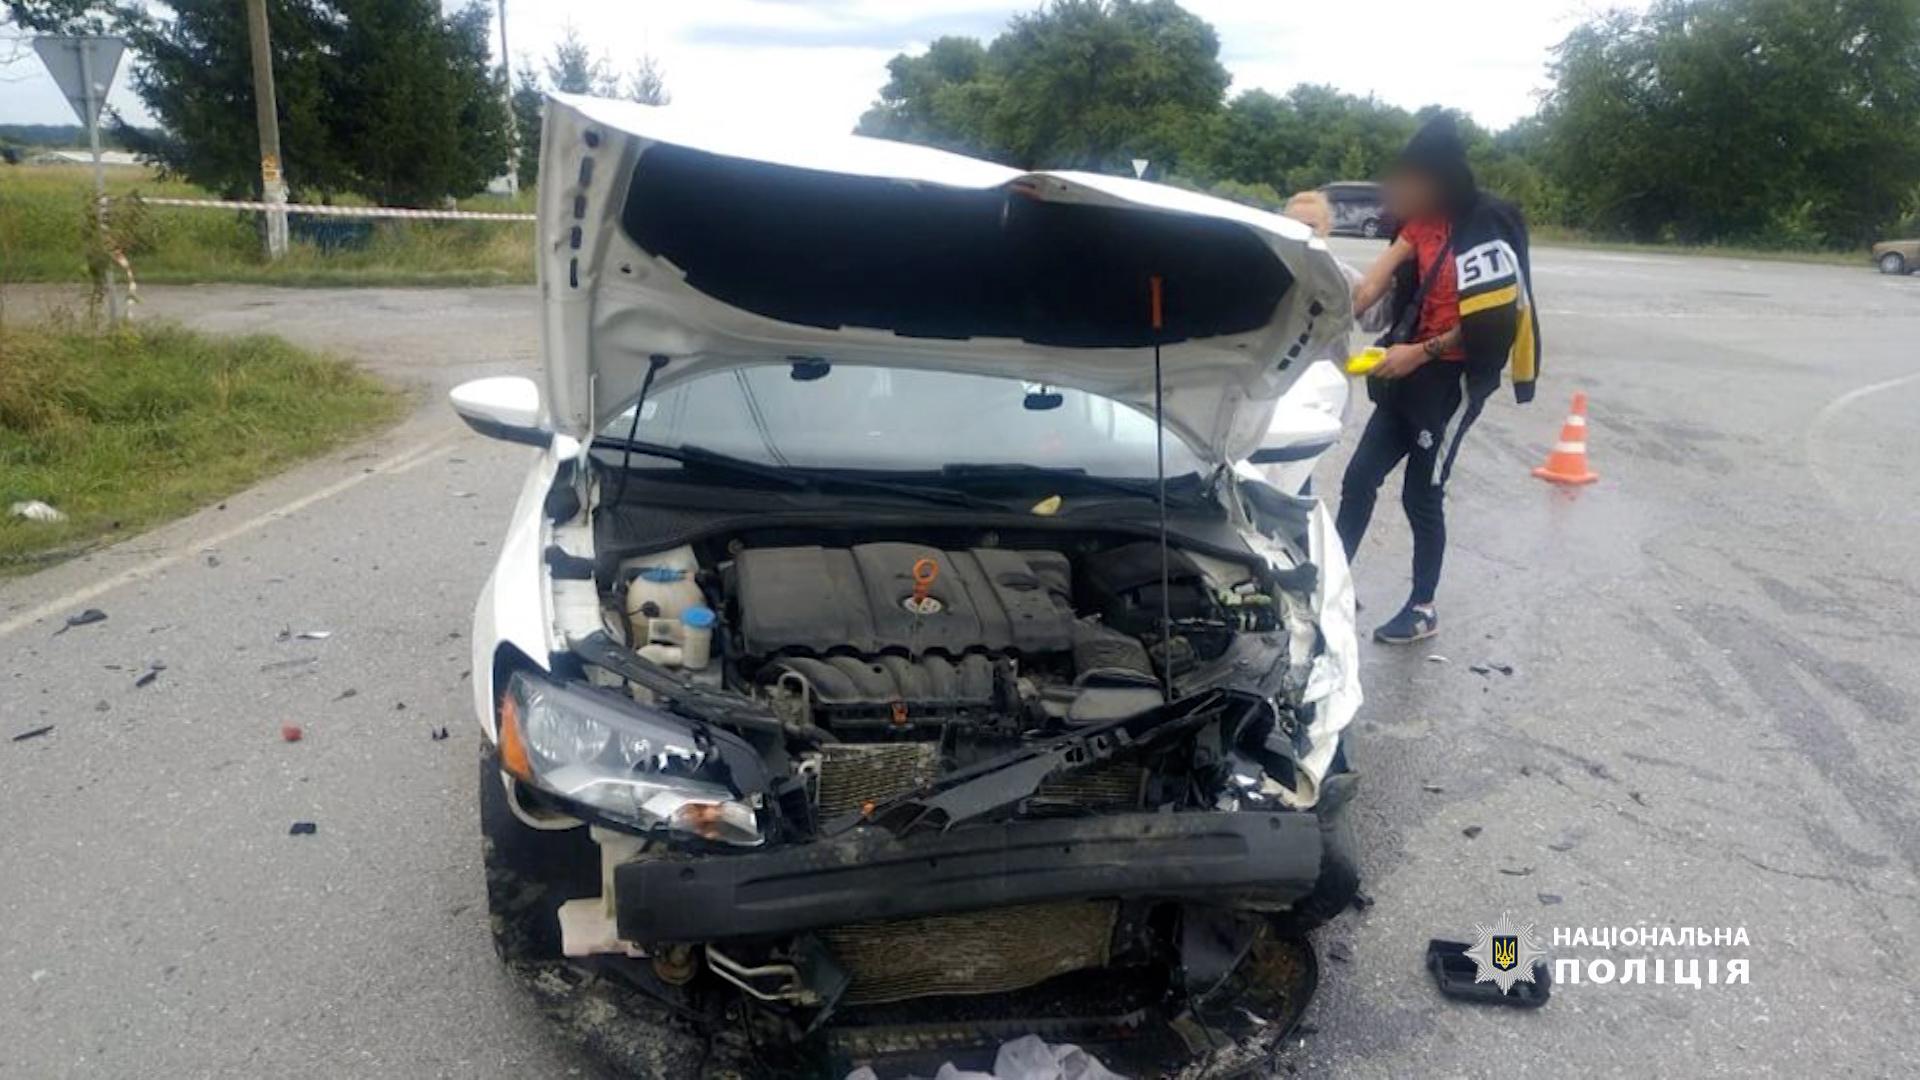 Чому трапилась аварія, в якій постраждали 5 людей, з'ясовують поліцейські Тернопілля